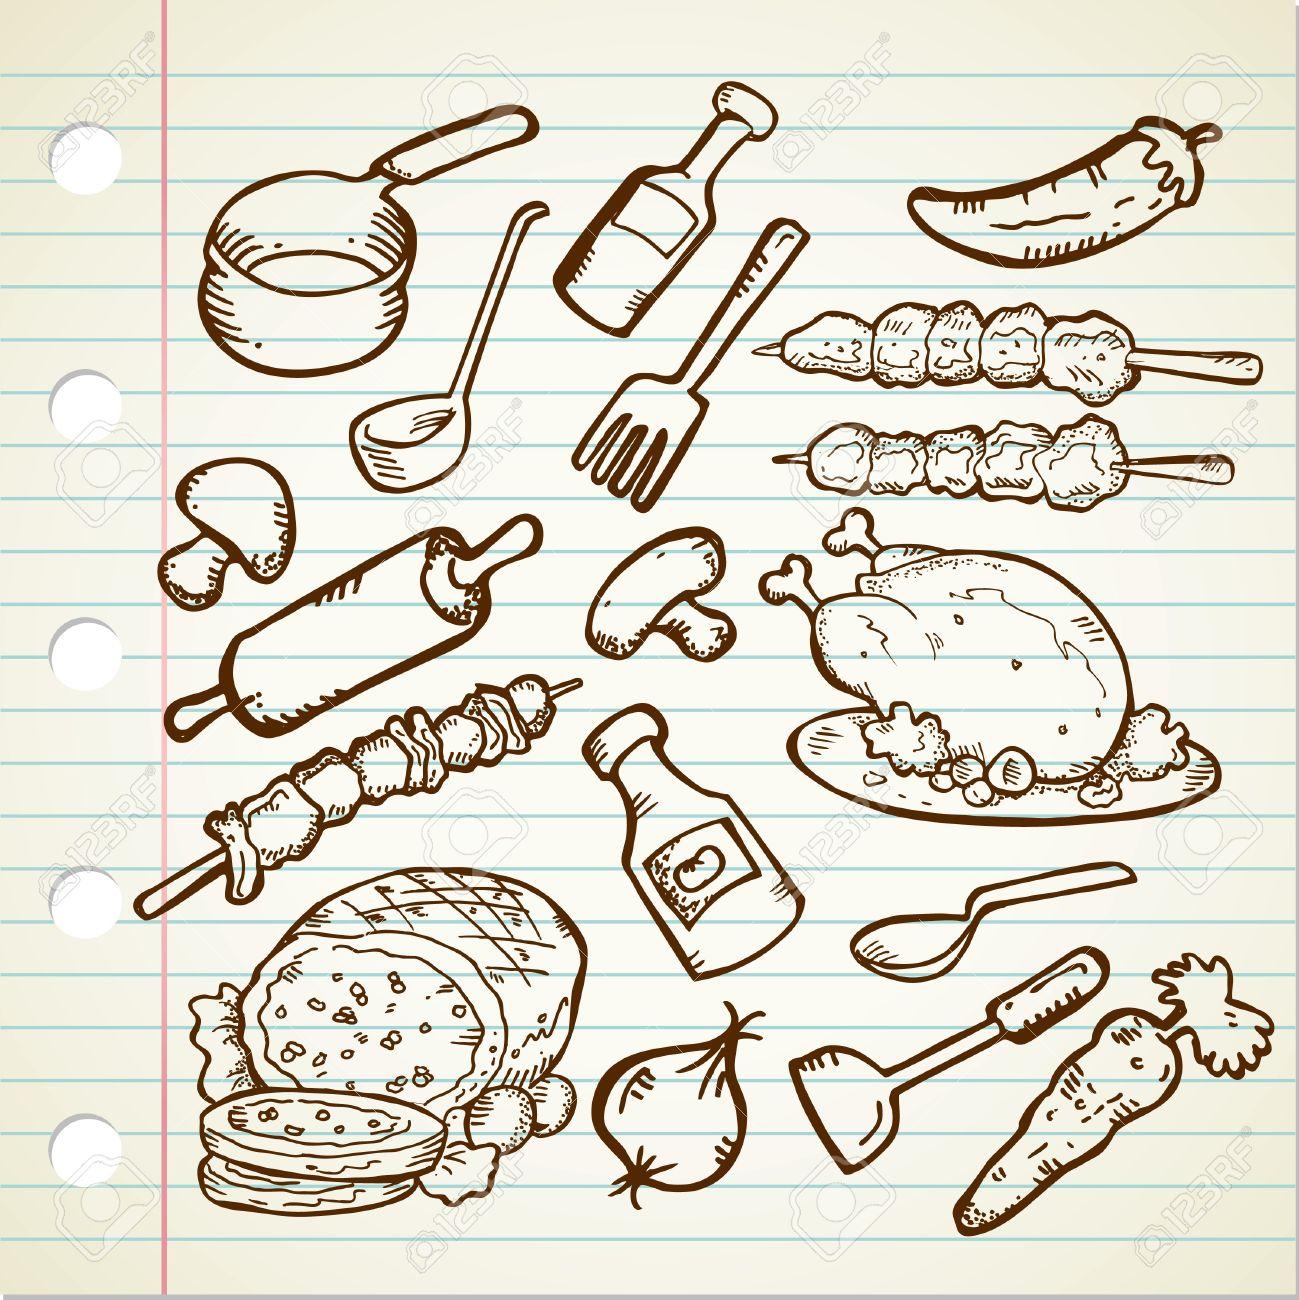 Best Disegni Da Cucina Ideas - Ameripest.us - ameripest.us